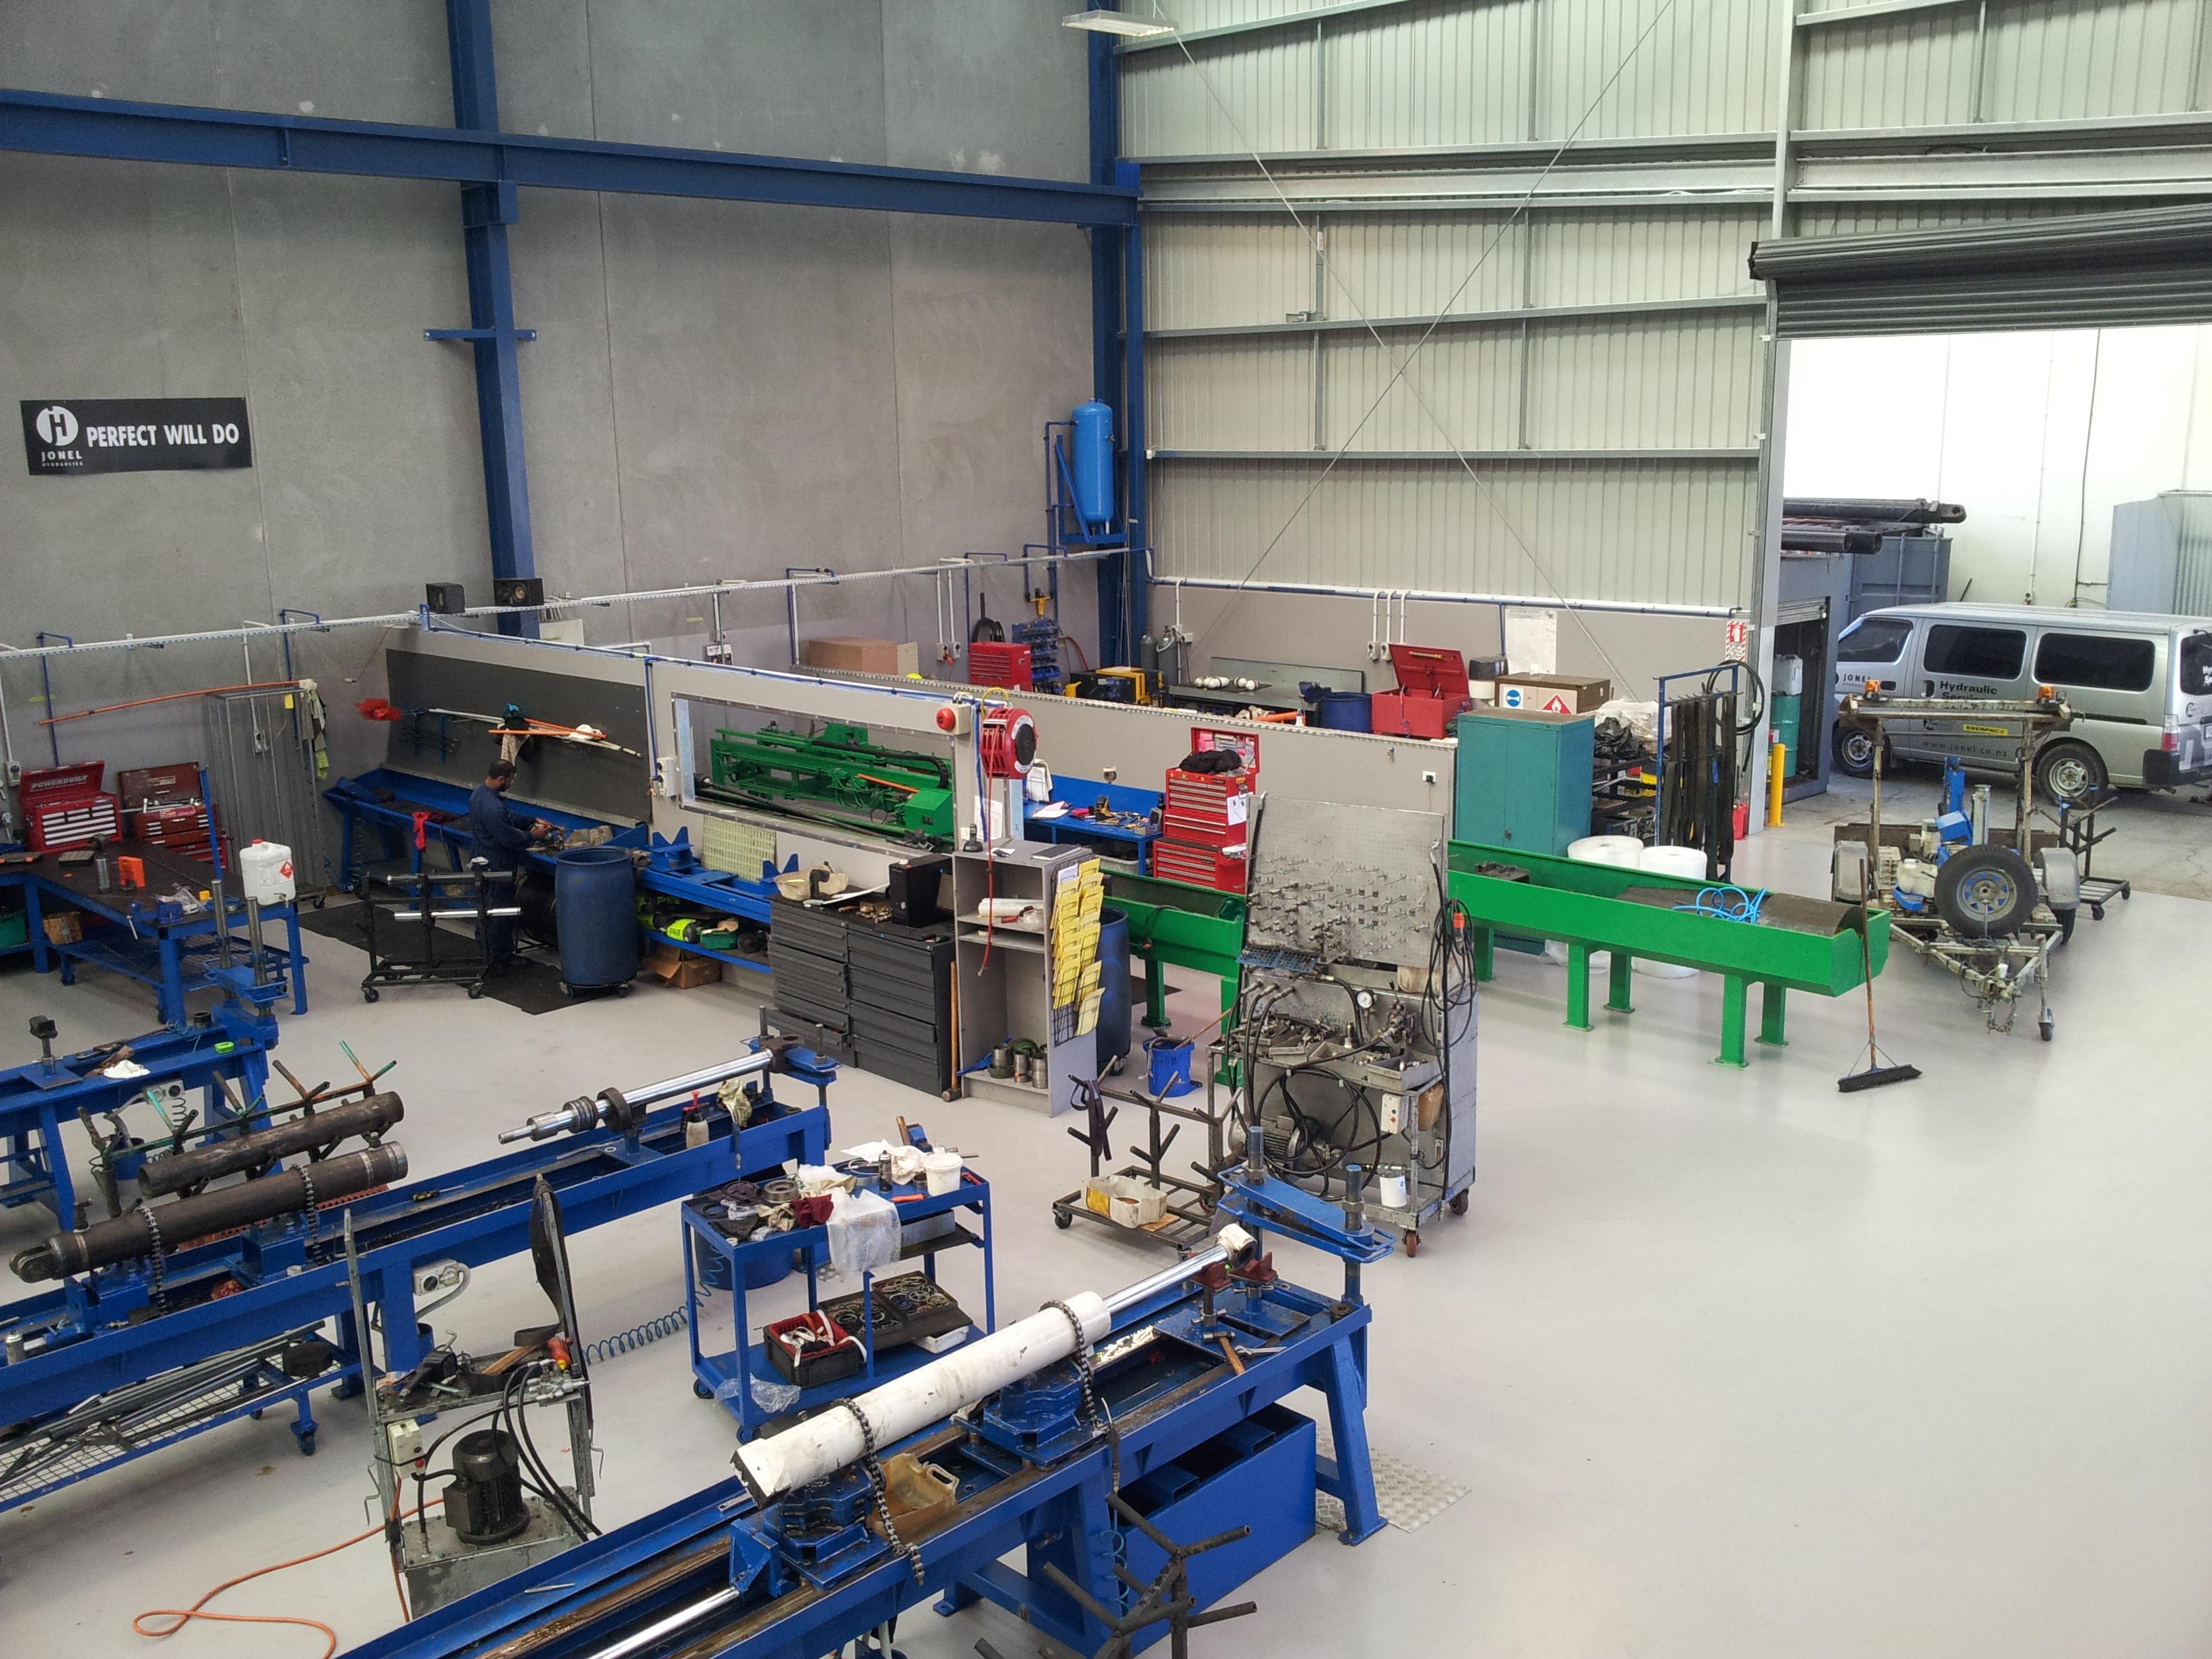 hydraulic workshop